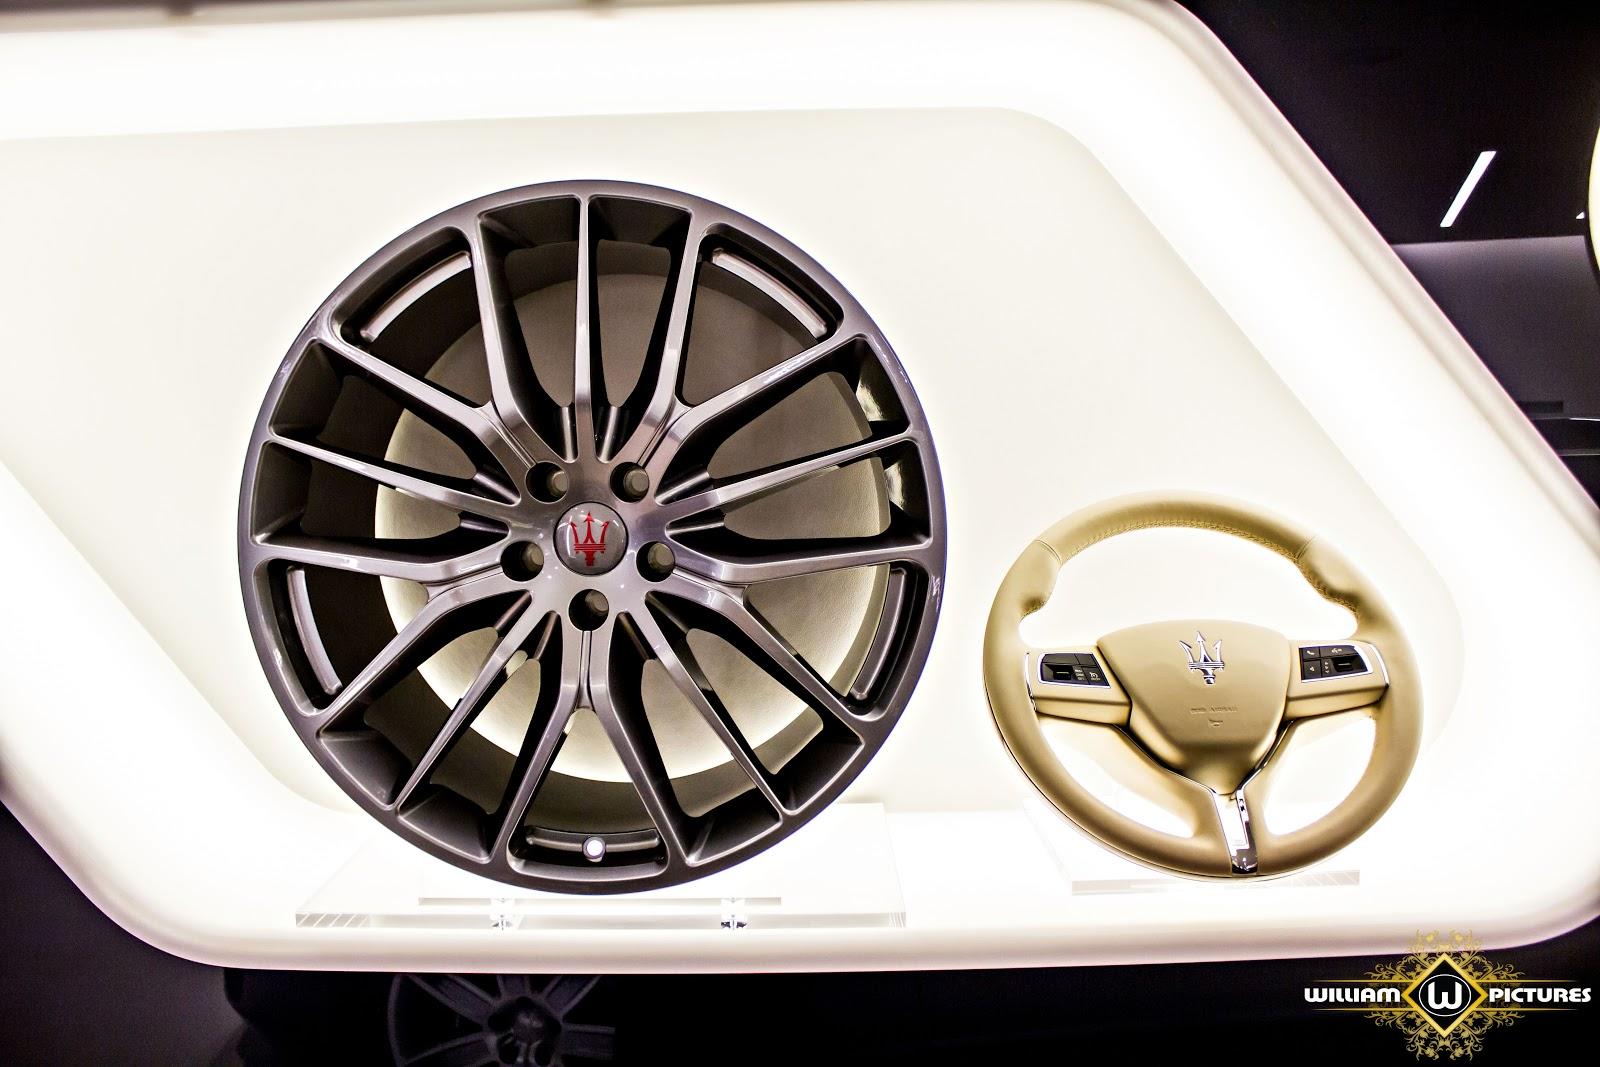 Không gian trưng bày các thiết bị, phụ kiện của các dòng xe Maserati